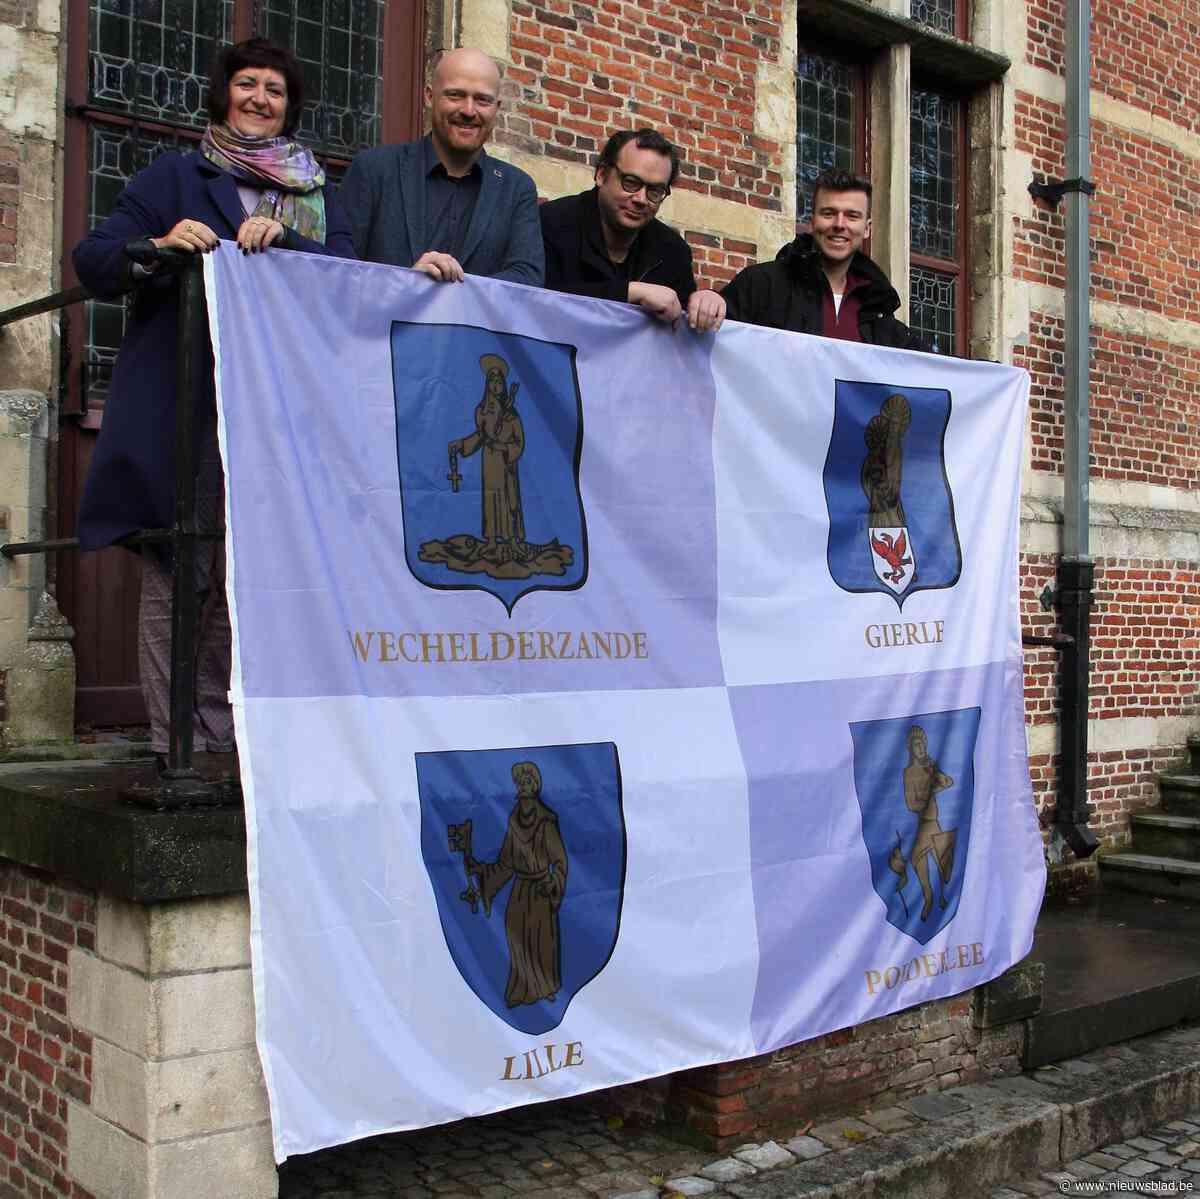 Vlaggen met wapenschilden zetten deelgemeenten in kijker